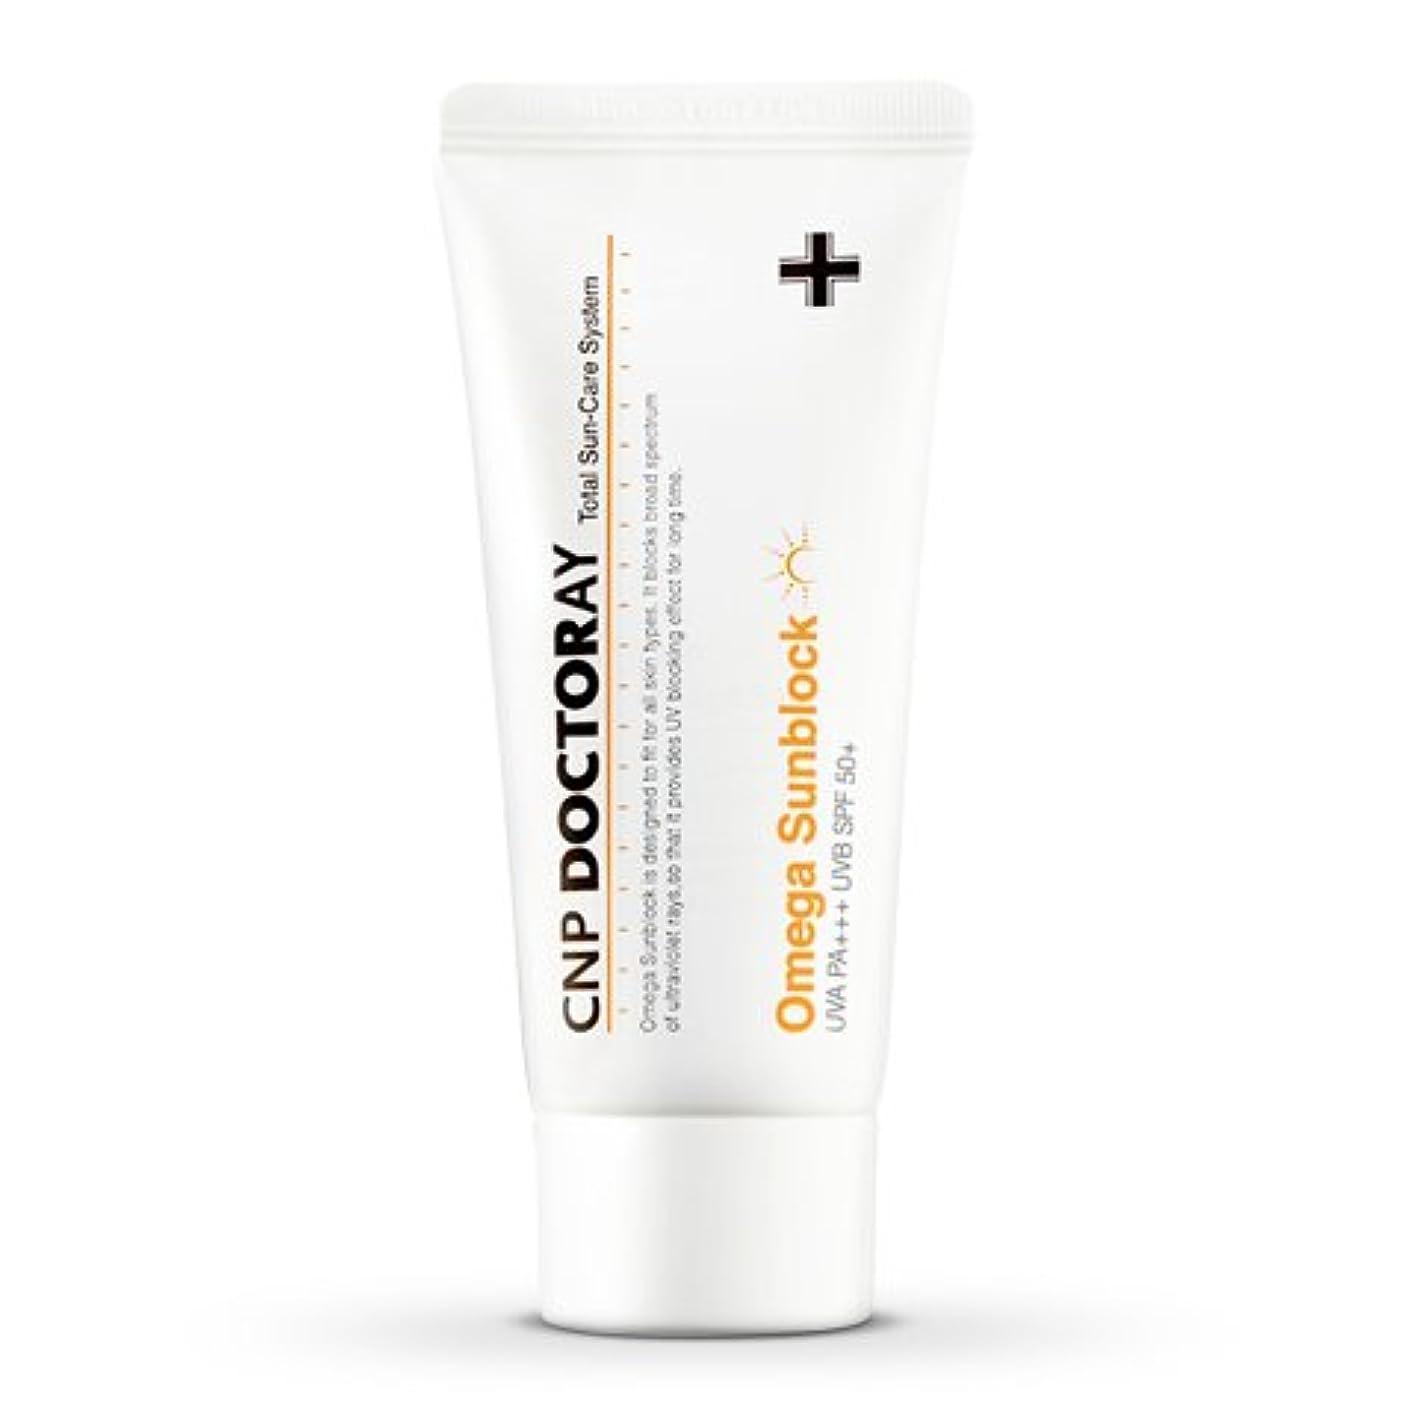 ソート特定の反抗CNP Laboratory ドクトレイオメガサンブロック/Doctoray Omega SunBlock 60ml [並行輸入品]